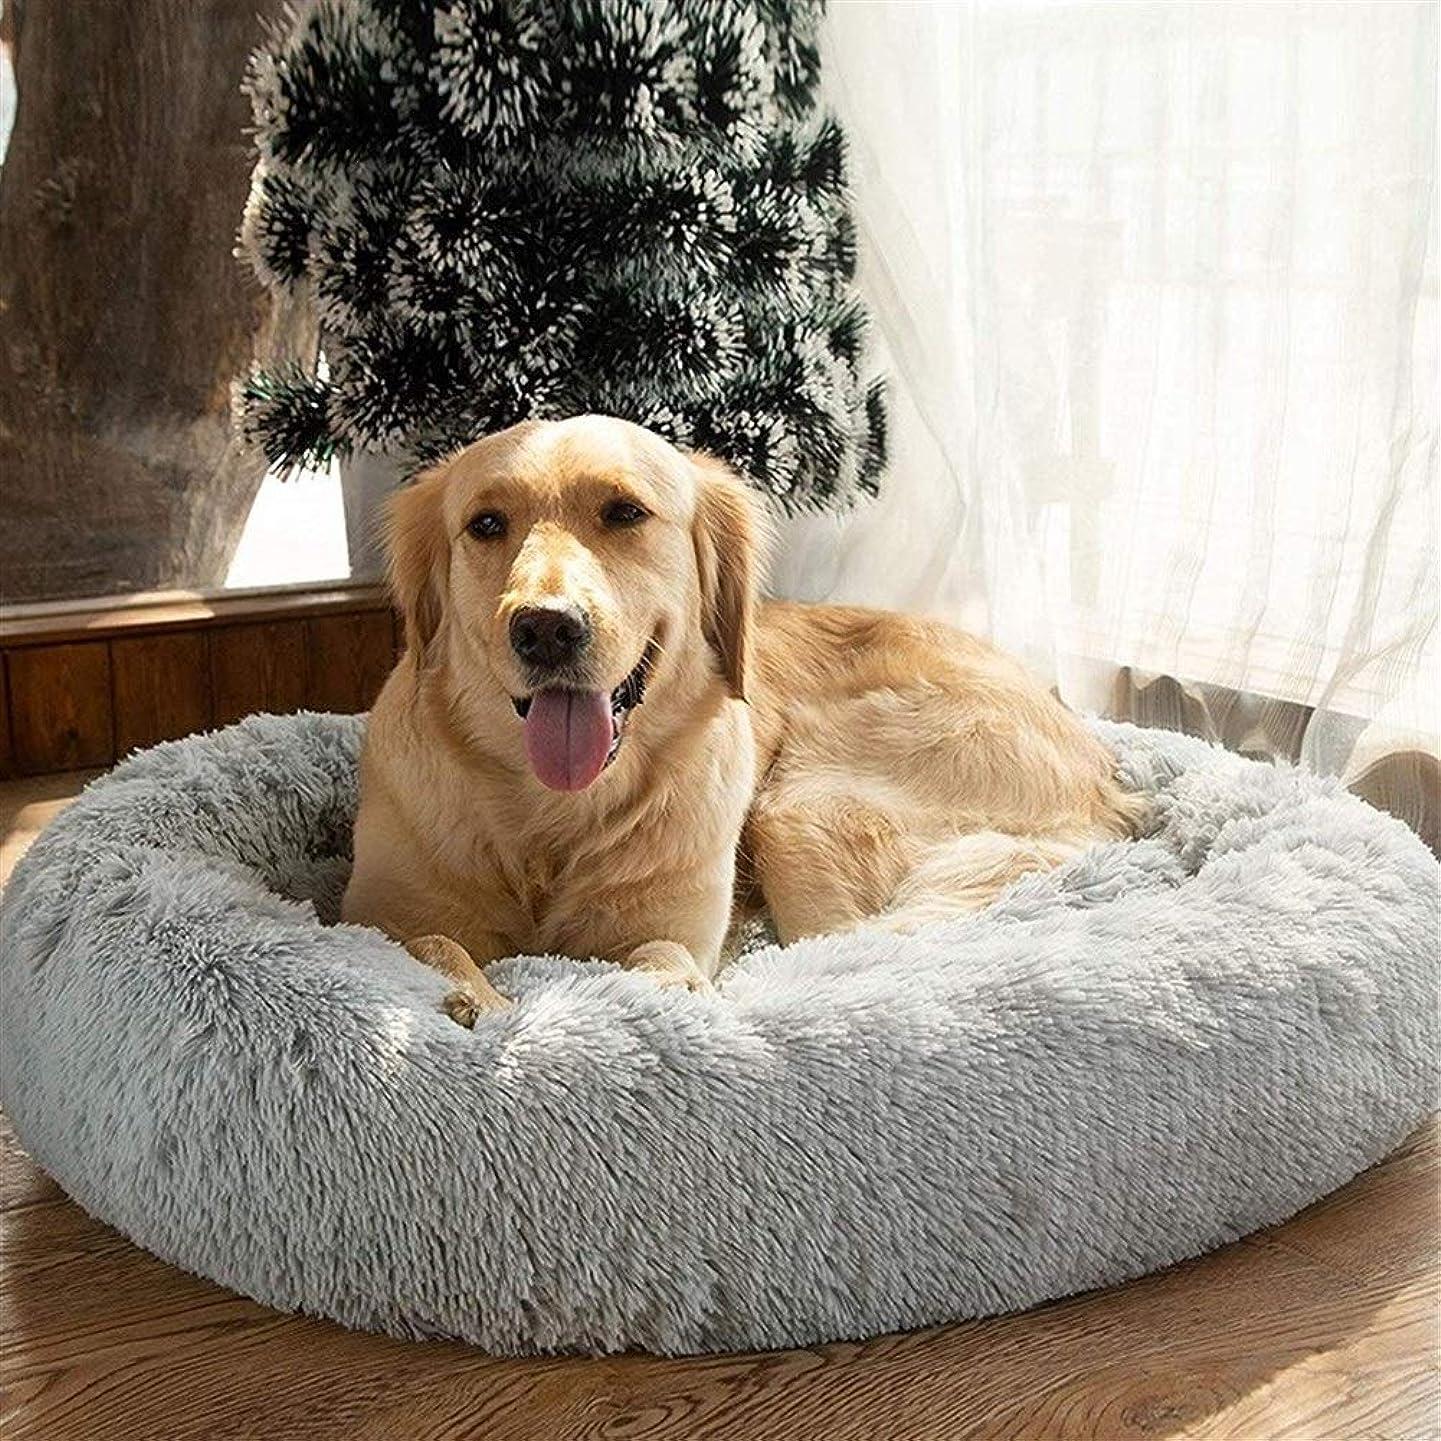 フォアタイプで中毒KAKACITY 犬猫の冬暖かい睡眠ラウンジチェアマット子犬ケンネルペットベッド洗濯機のラウンド犬のベッド (色 : 暗灰色, サイズ : 80cm diameter)